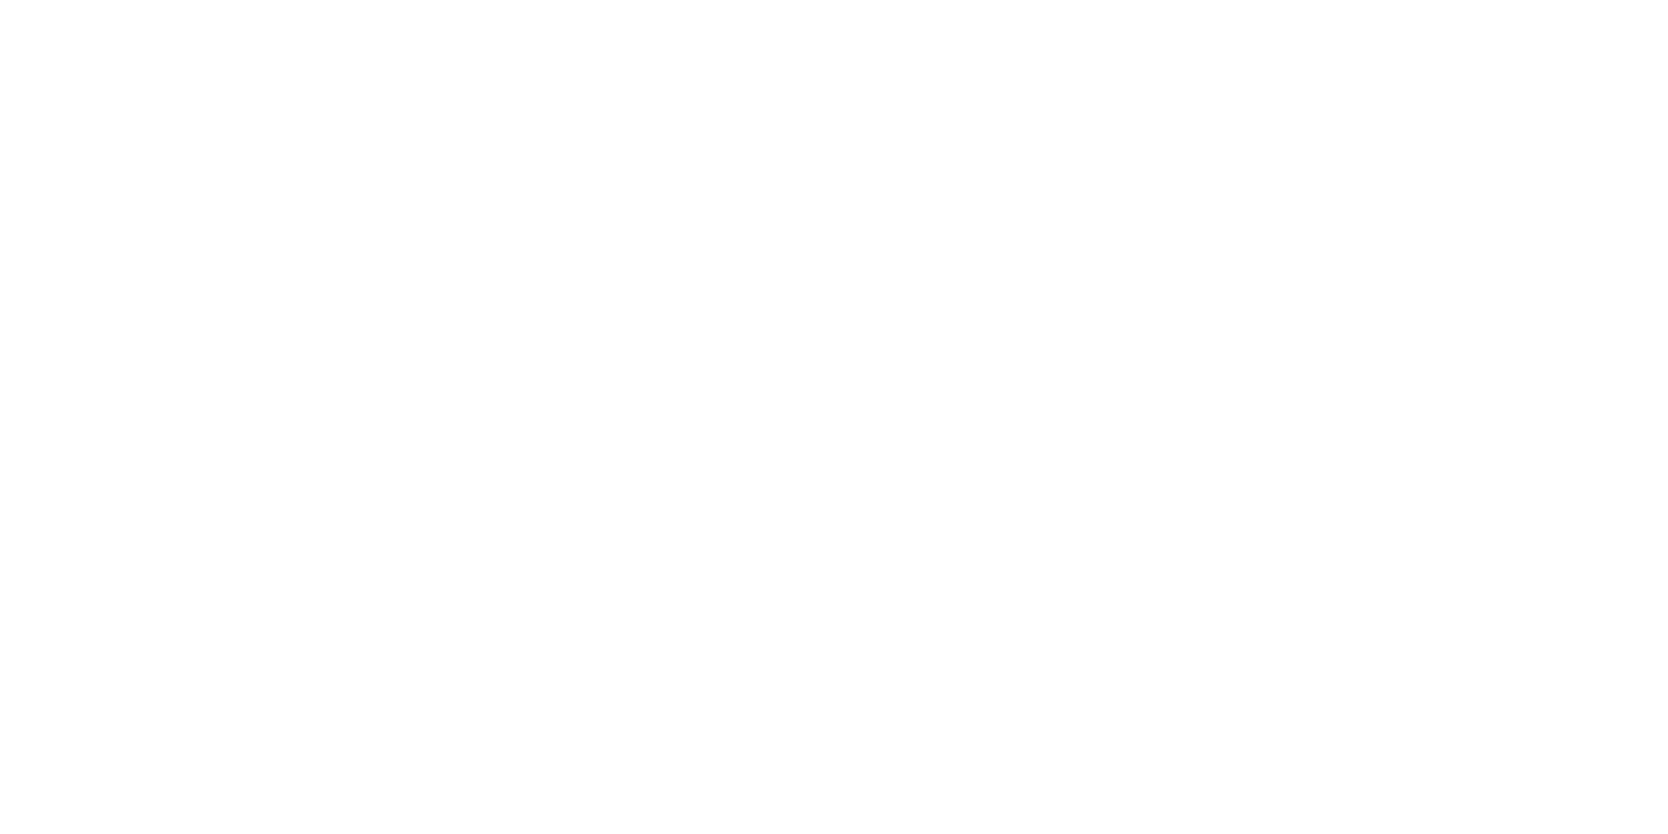 Client_logos_white-07